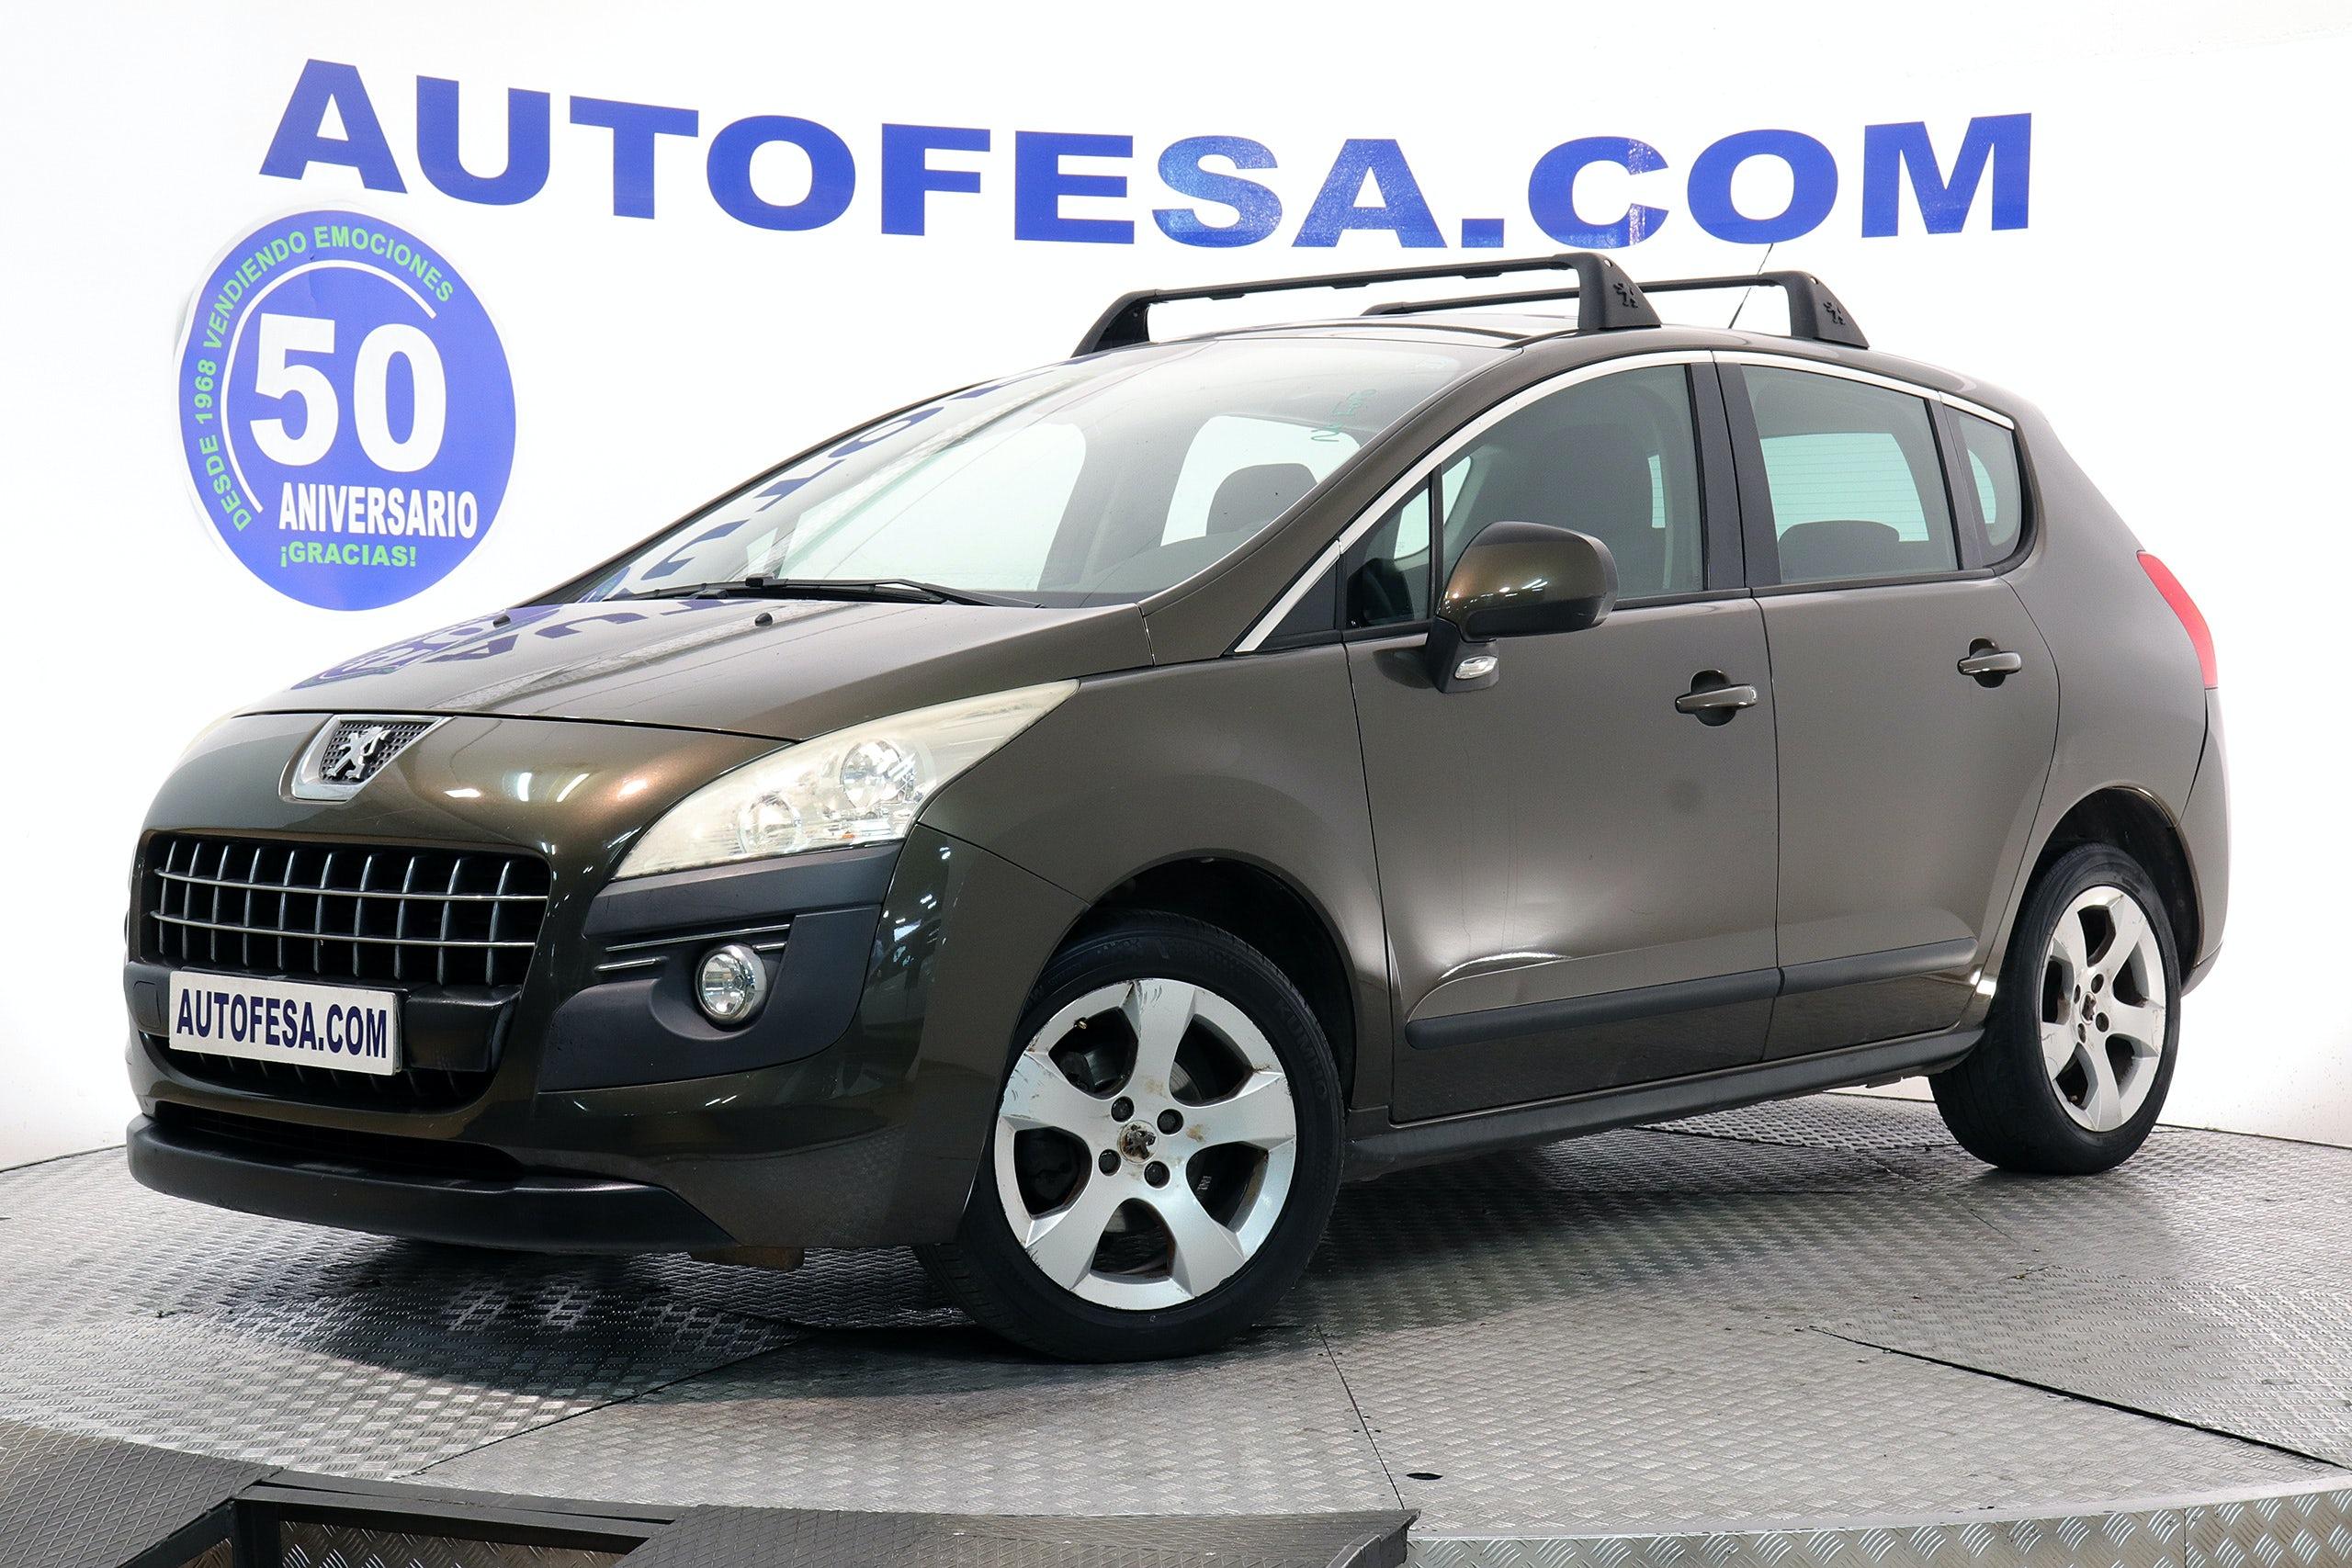 Fotos del Peugeot 3008 1.6 VTi 120cv Premium 5pExterior 1